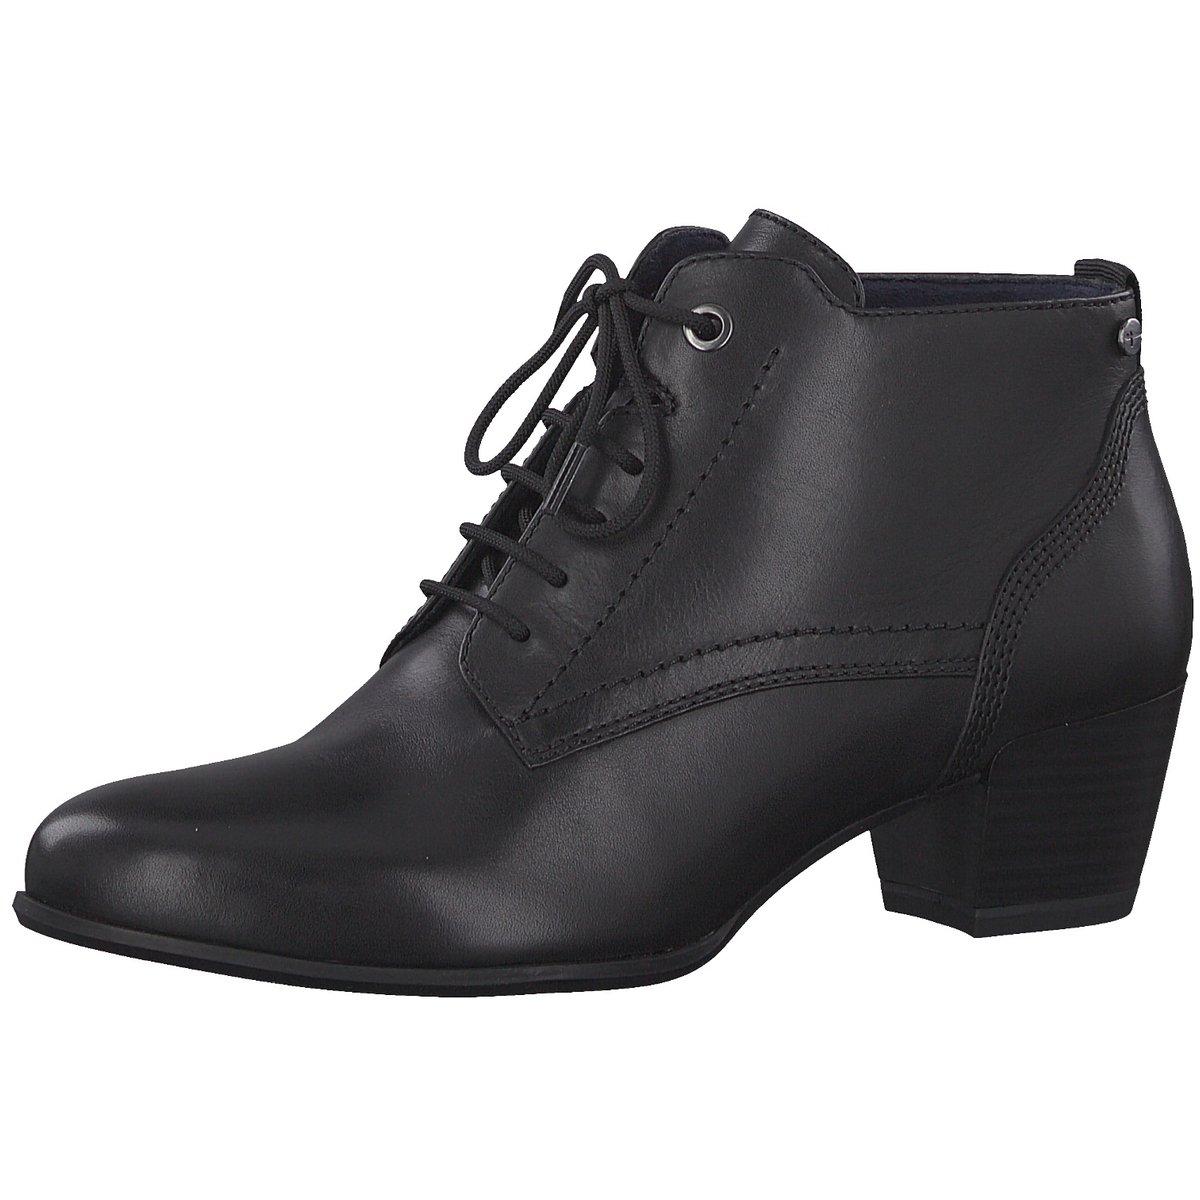 Details zu Tamaris Damen Stiefeletten Da. Stiefel 1 1 25115 23 003 schwarz 718491